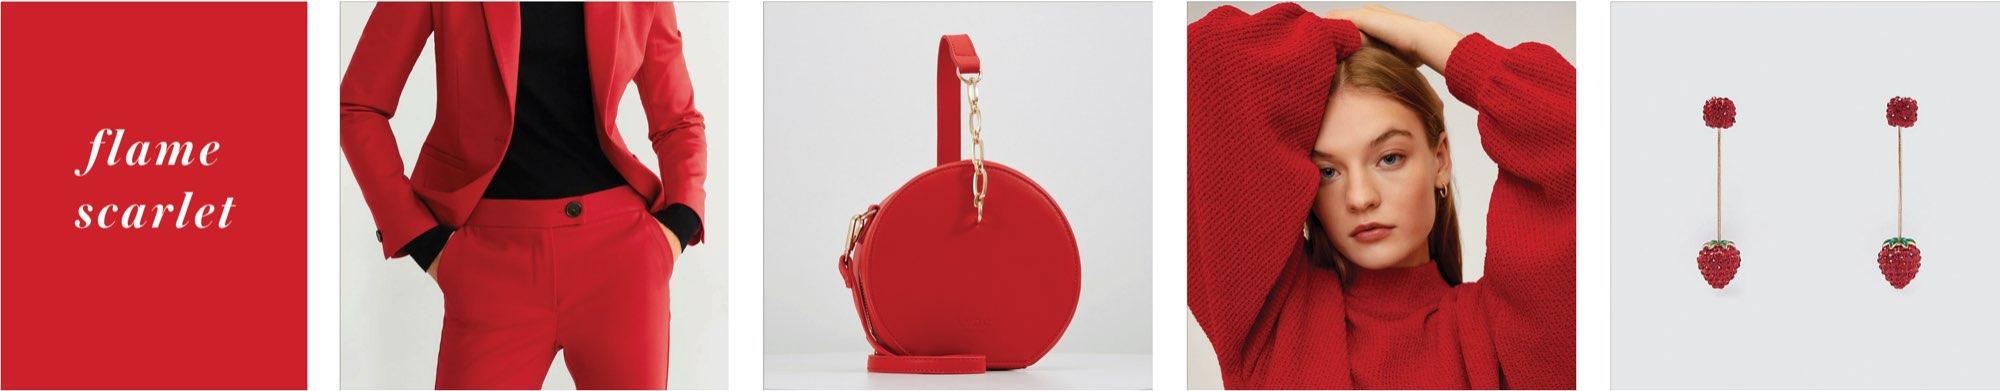 Bild zum Make up & Fashion Blog - new-season-new-colours-ID14556-1.jpeg?v=1582735848